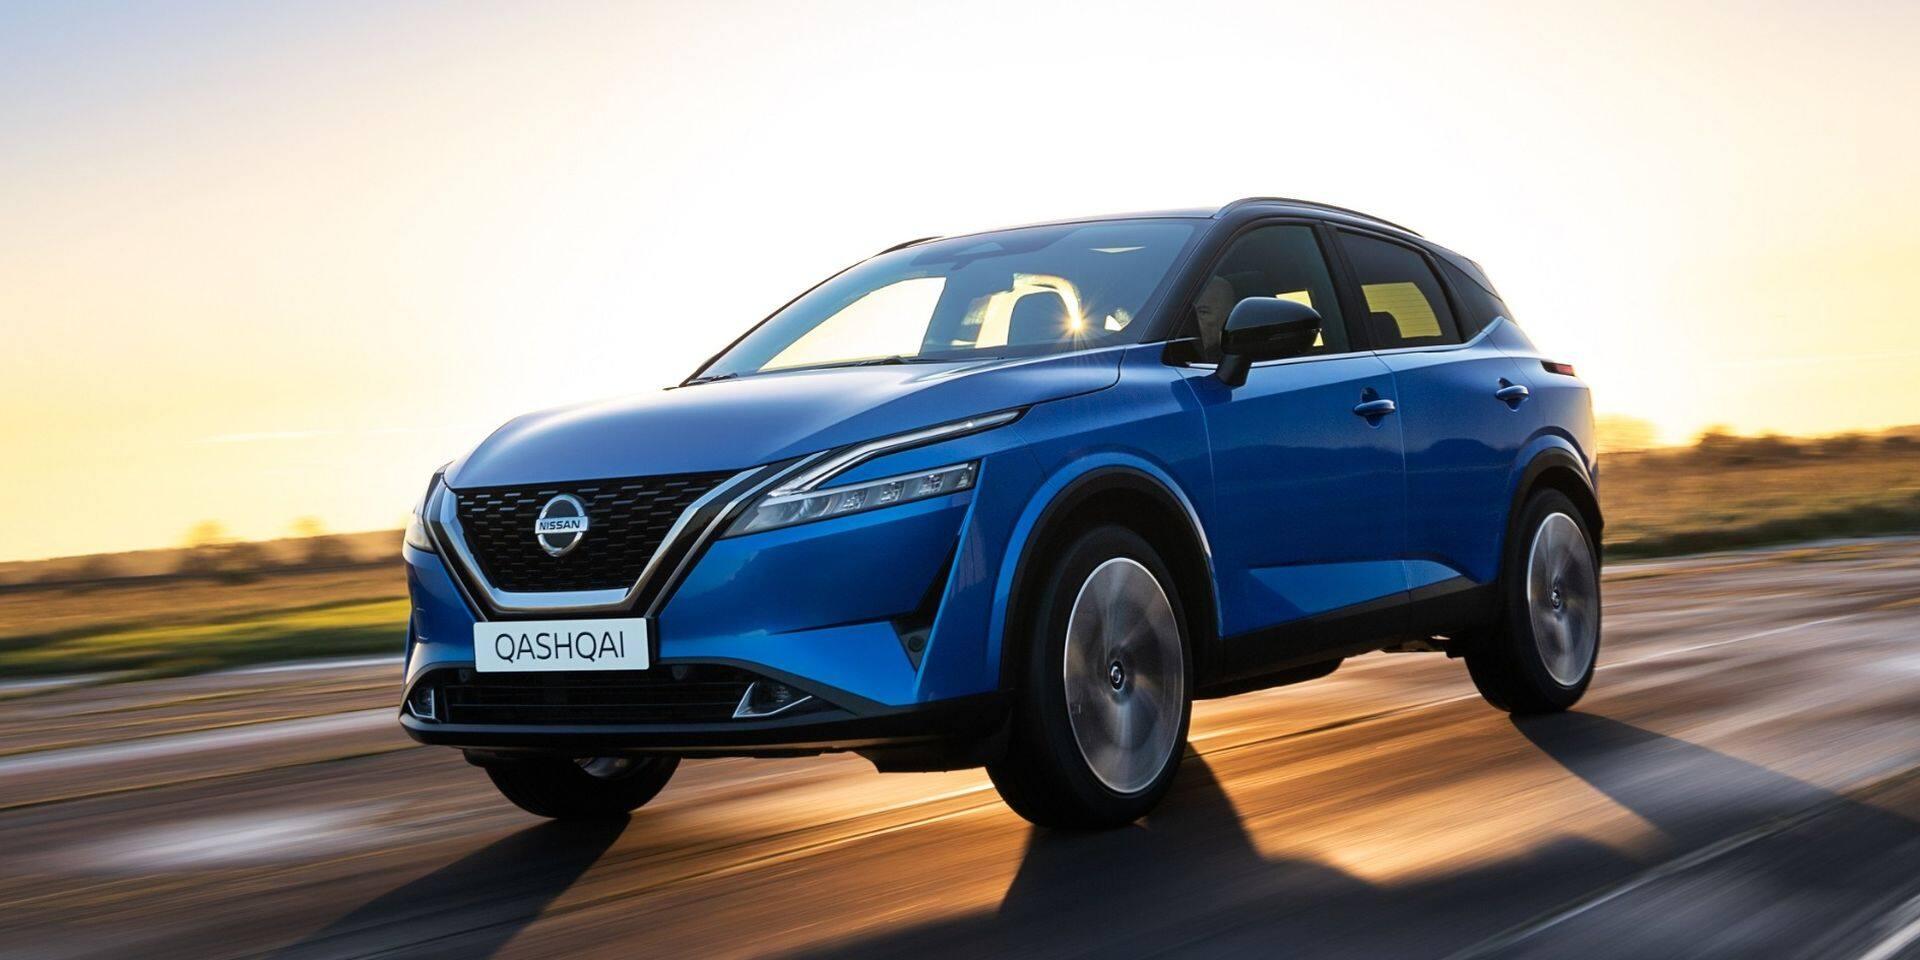 Voici le tout nouveau Nissan Qashqai 2021